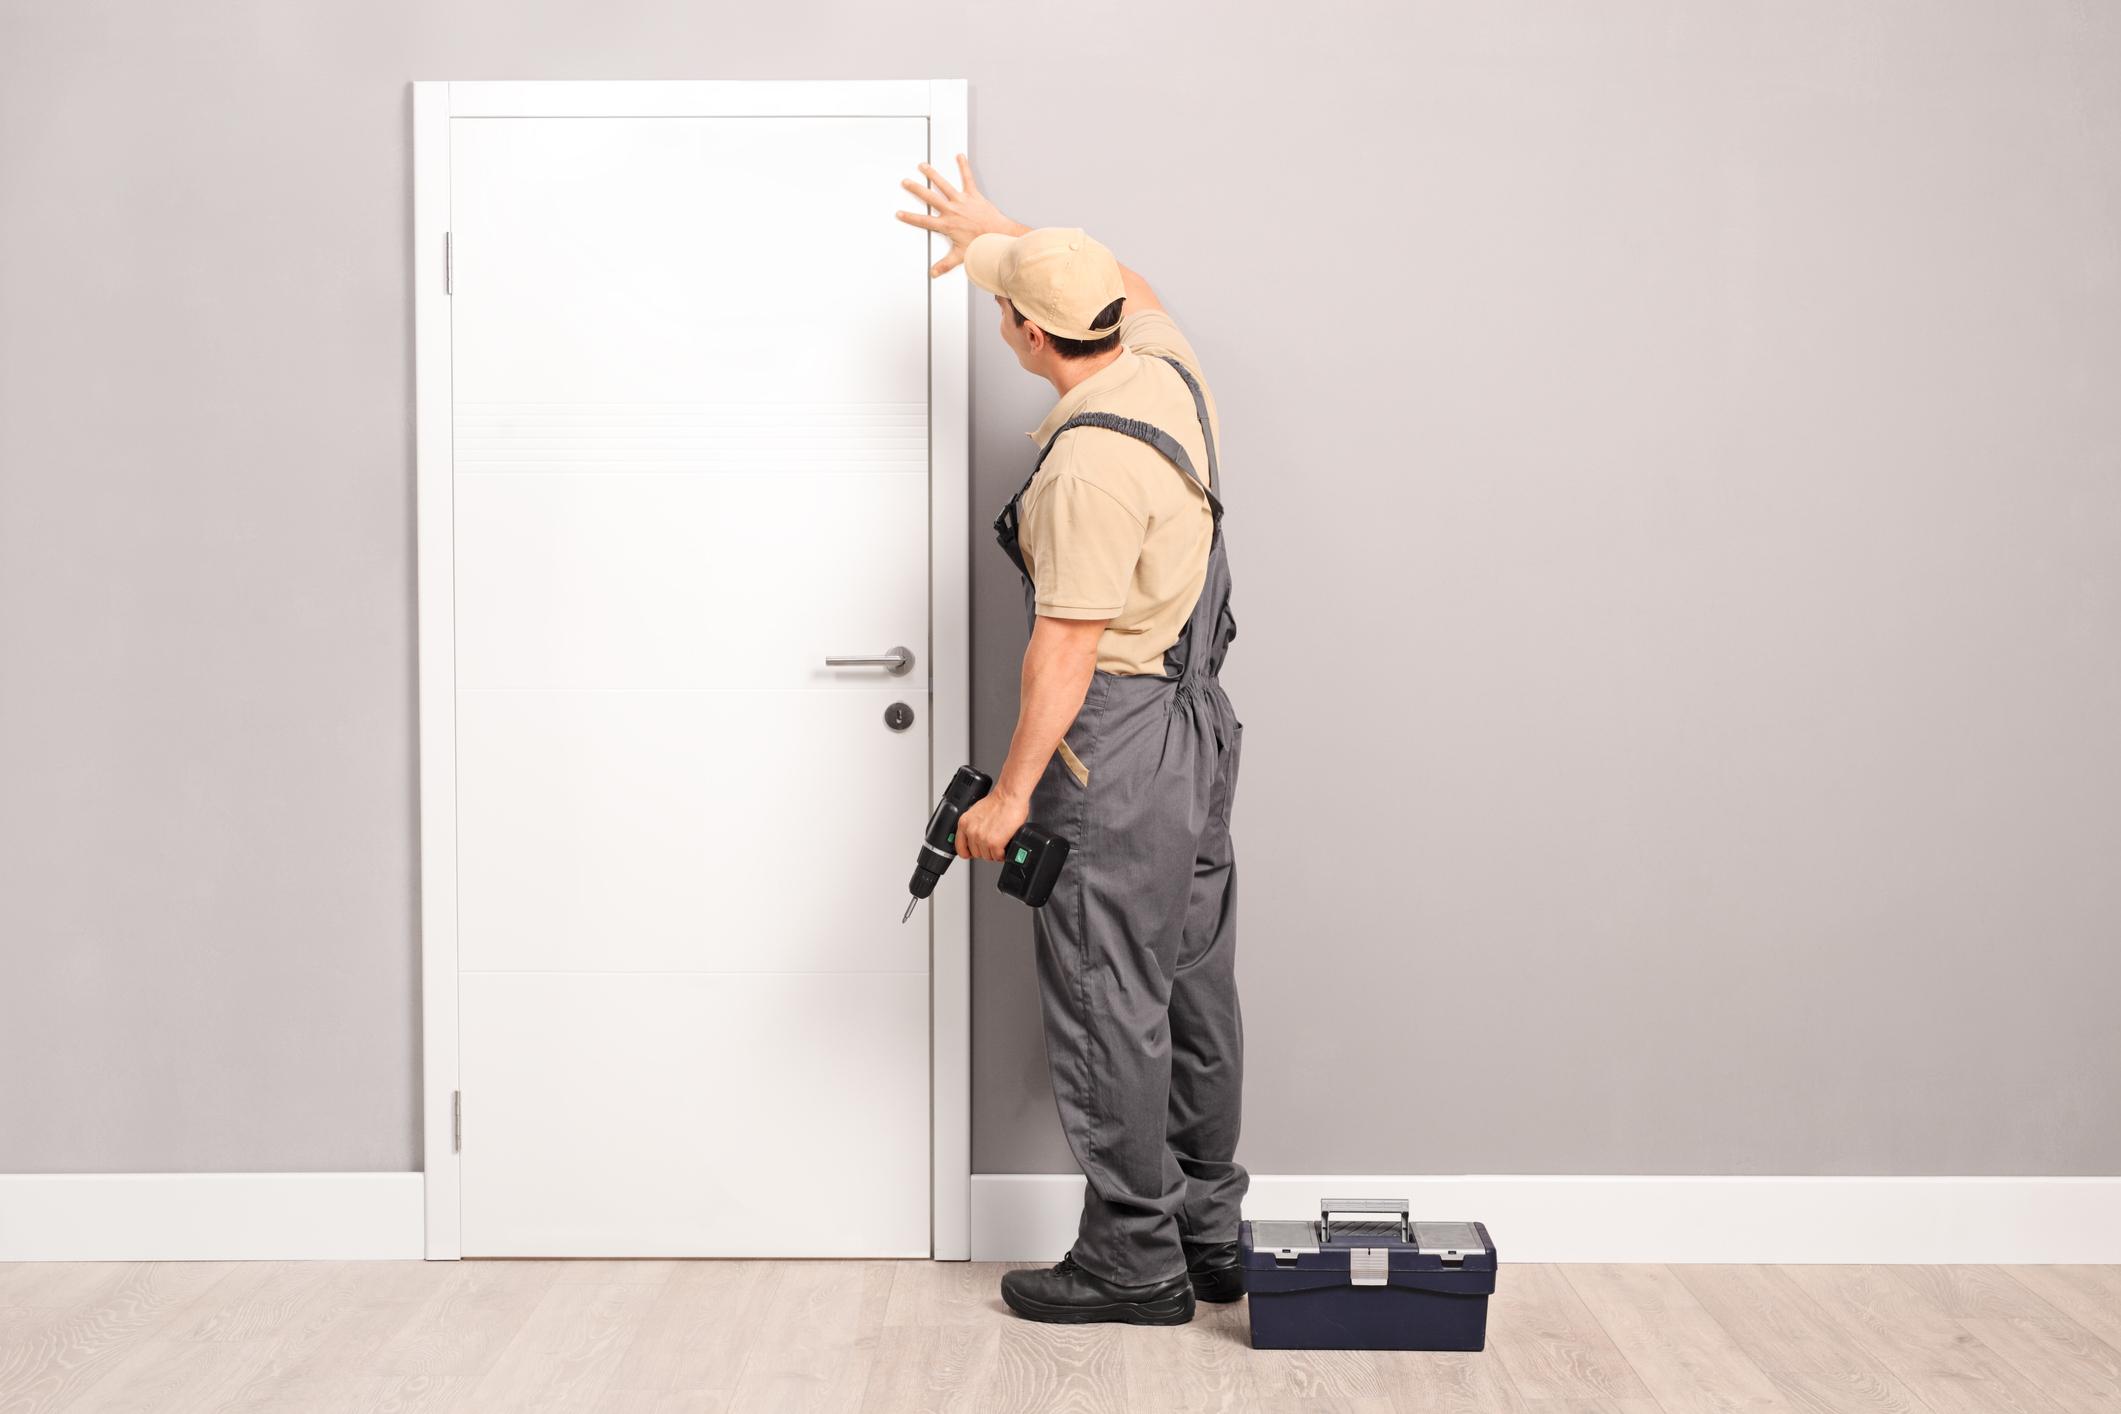 Replacing a door